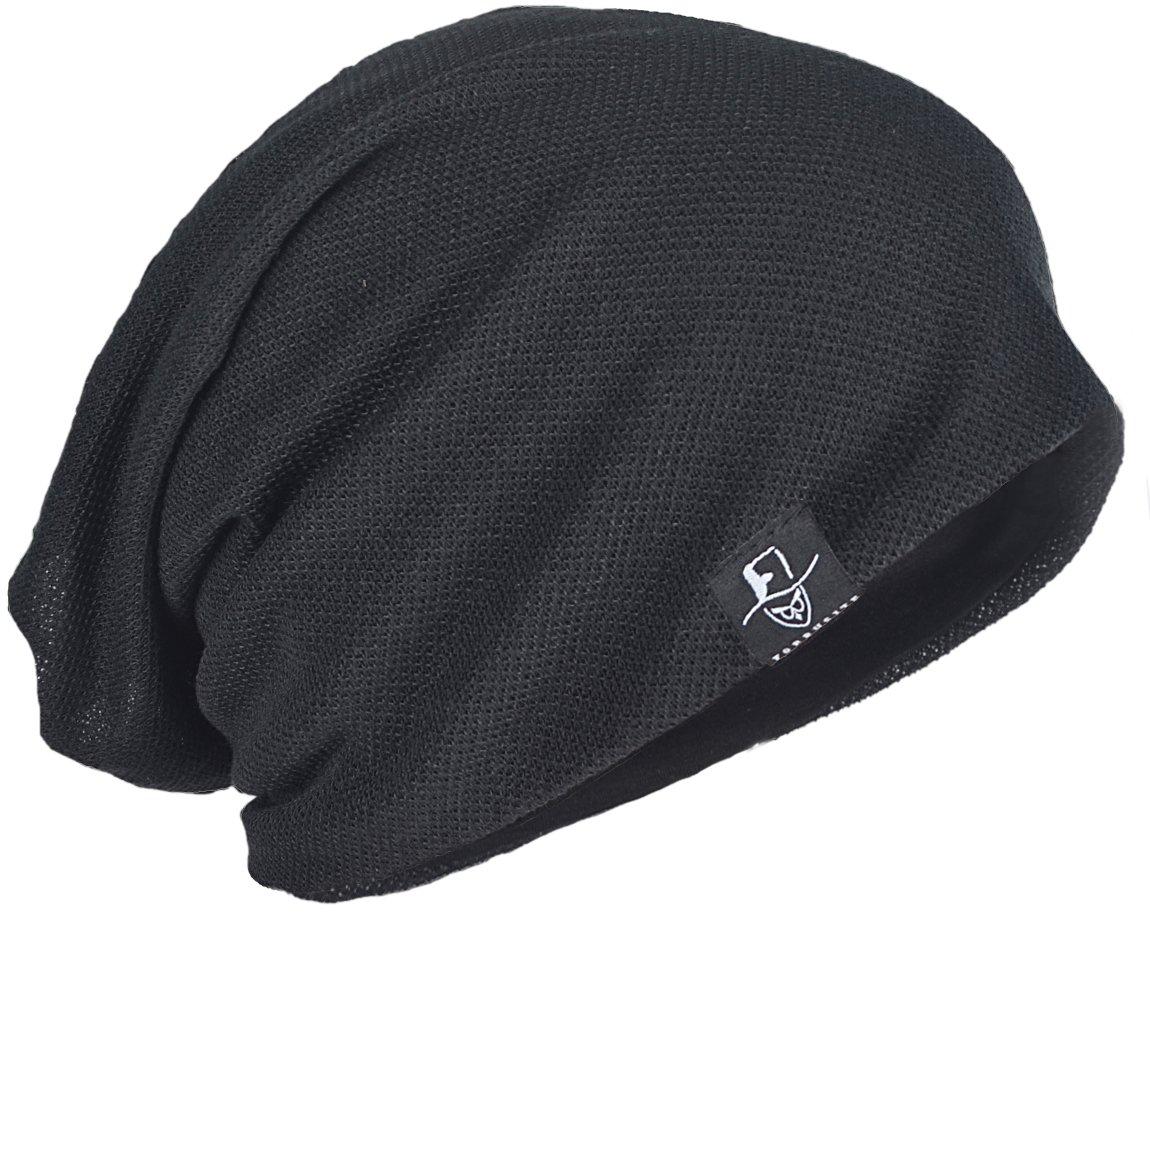 FORBUSITE Men Women Basic Slouch Thin Beanie Skull Cap for Summer B301 (Black)